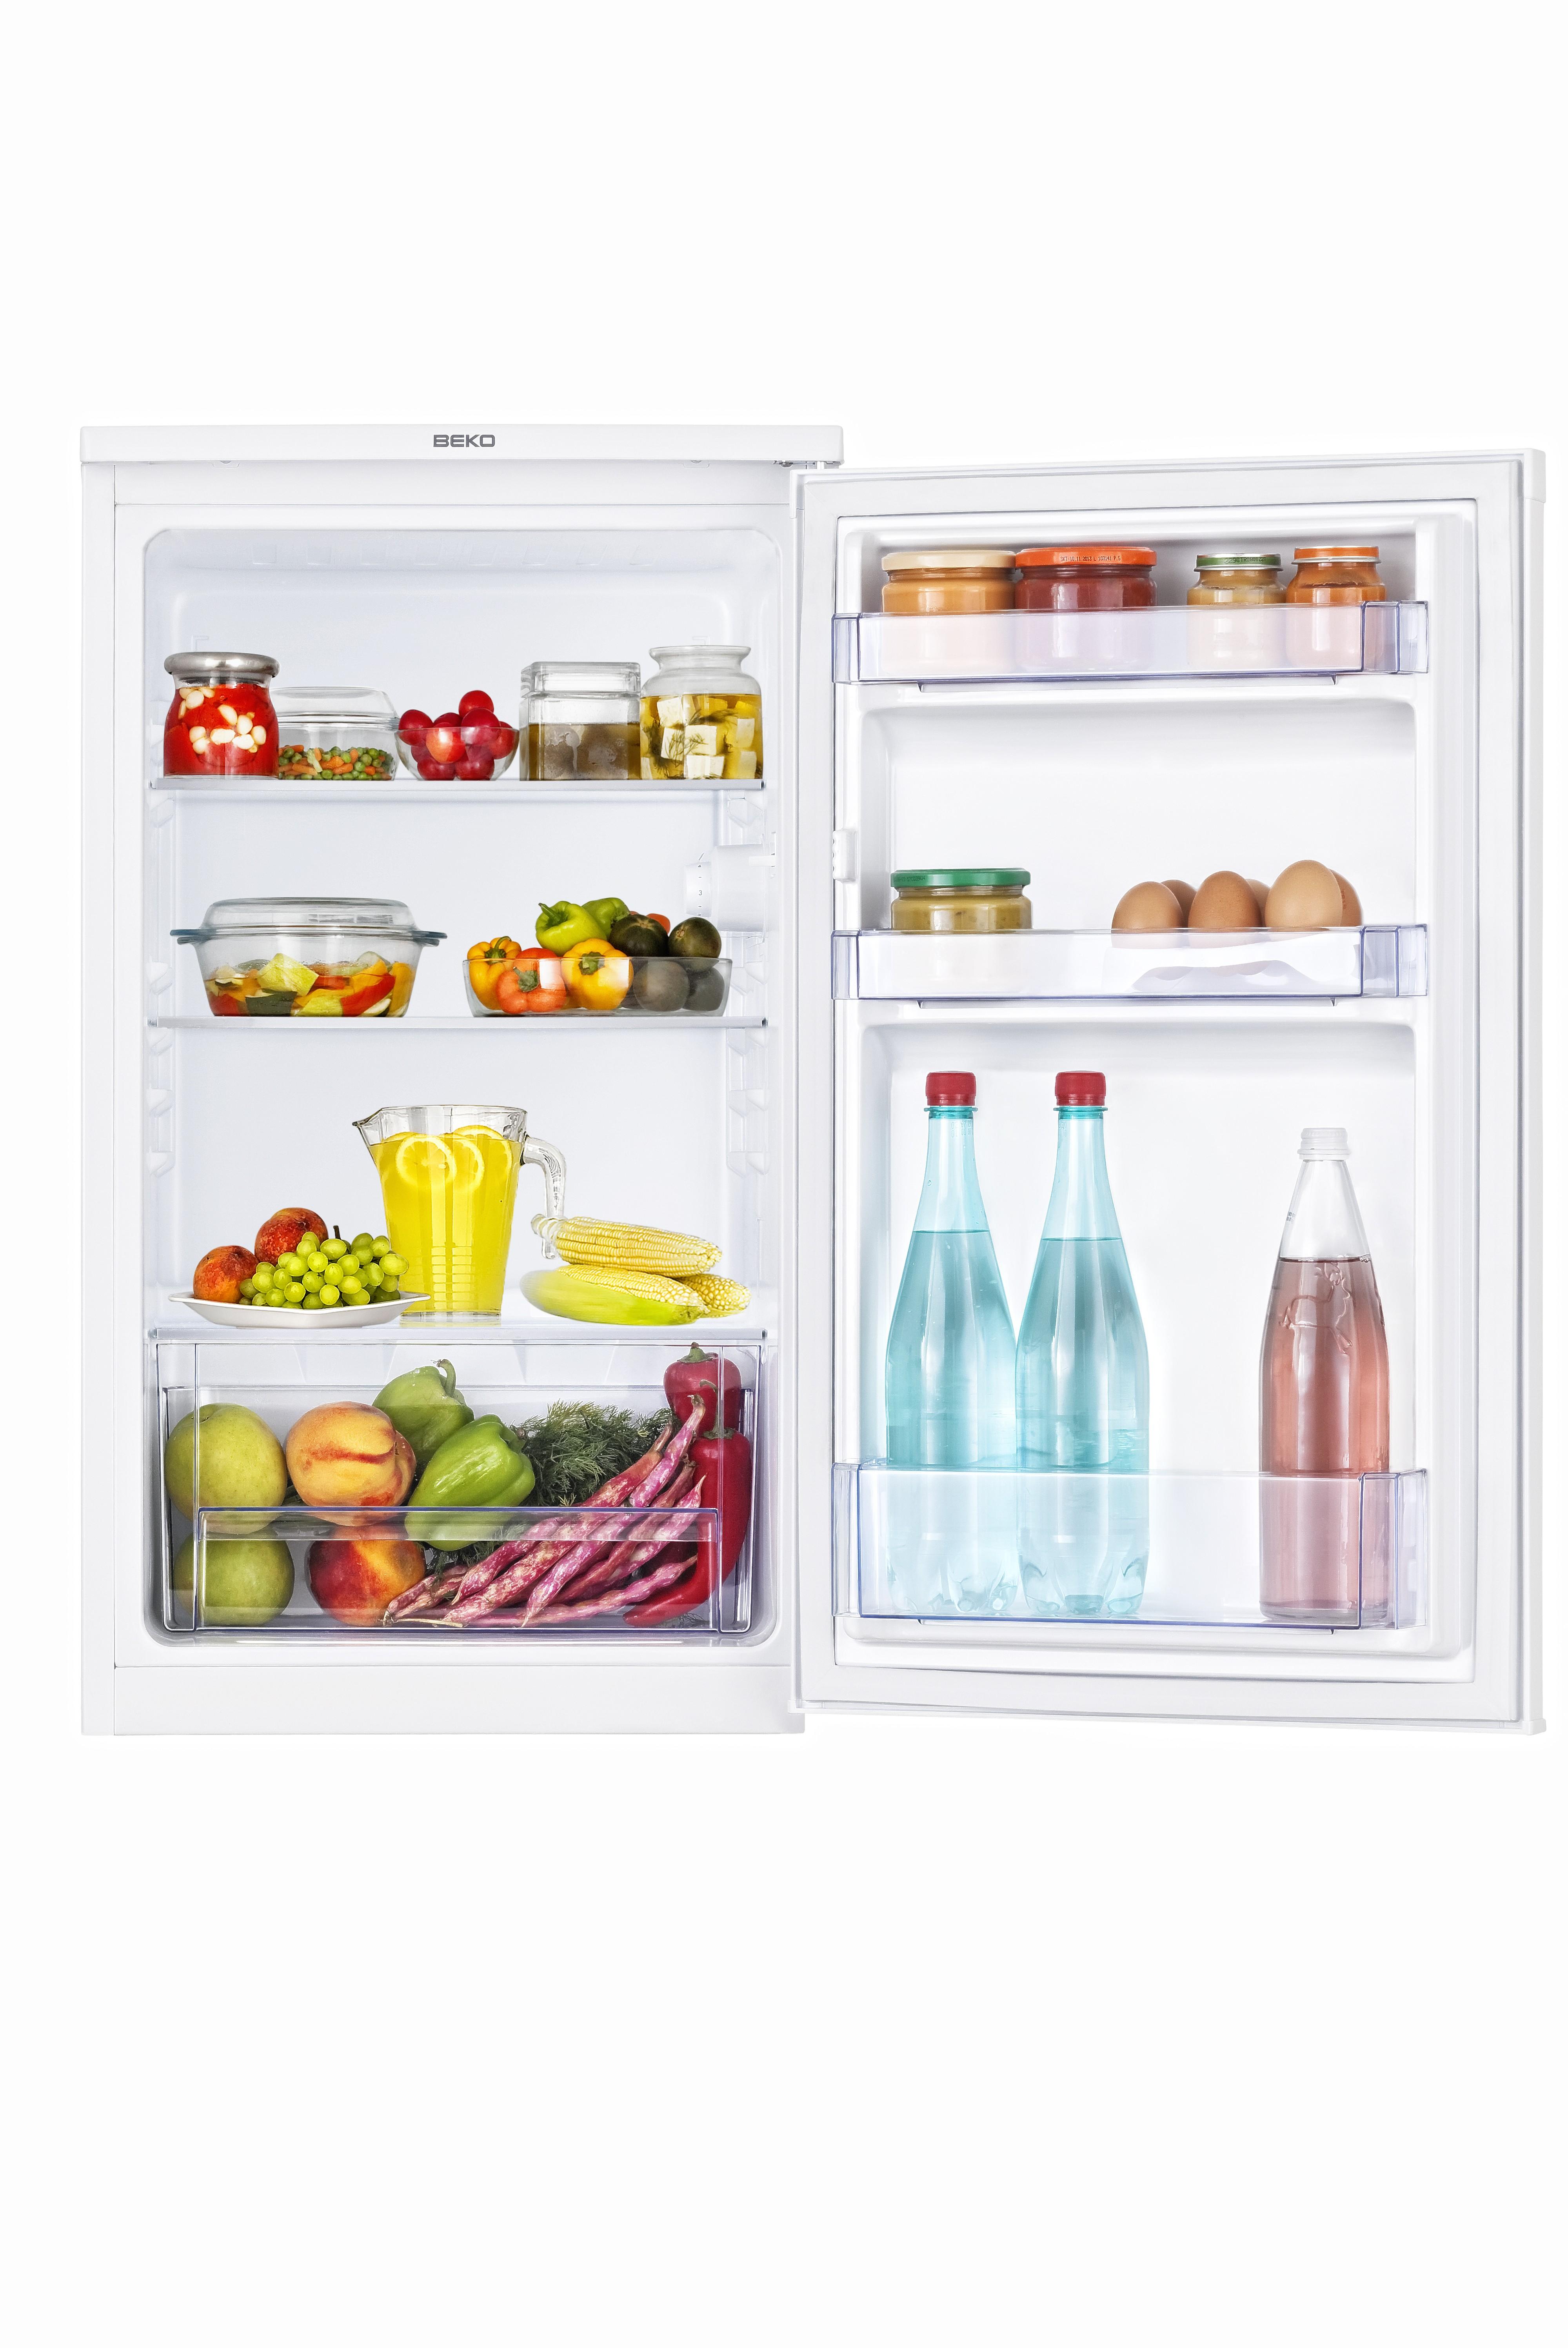 Beko TS 190020 Tisch-Kühlschrank/ Energieeffizienzklasse A+